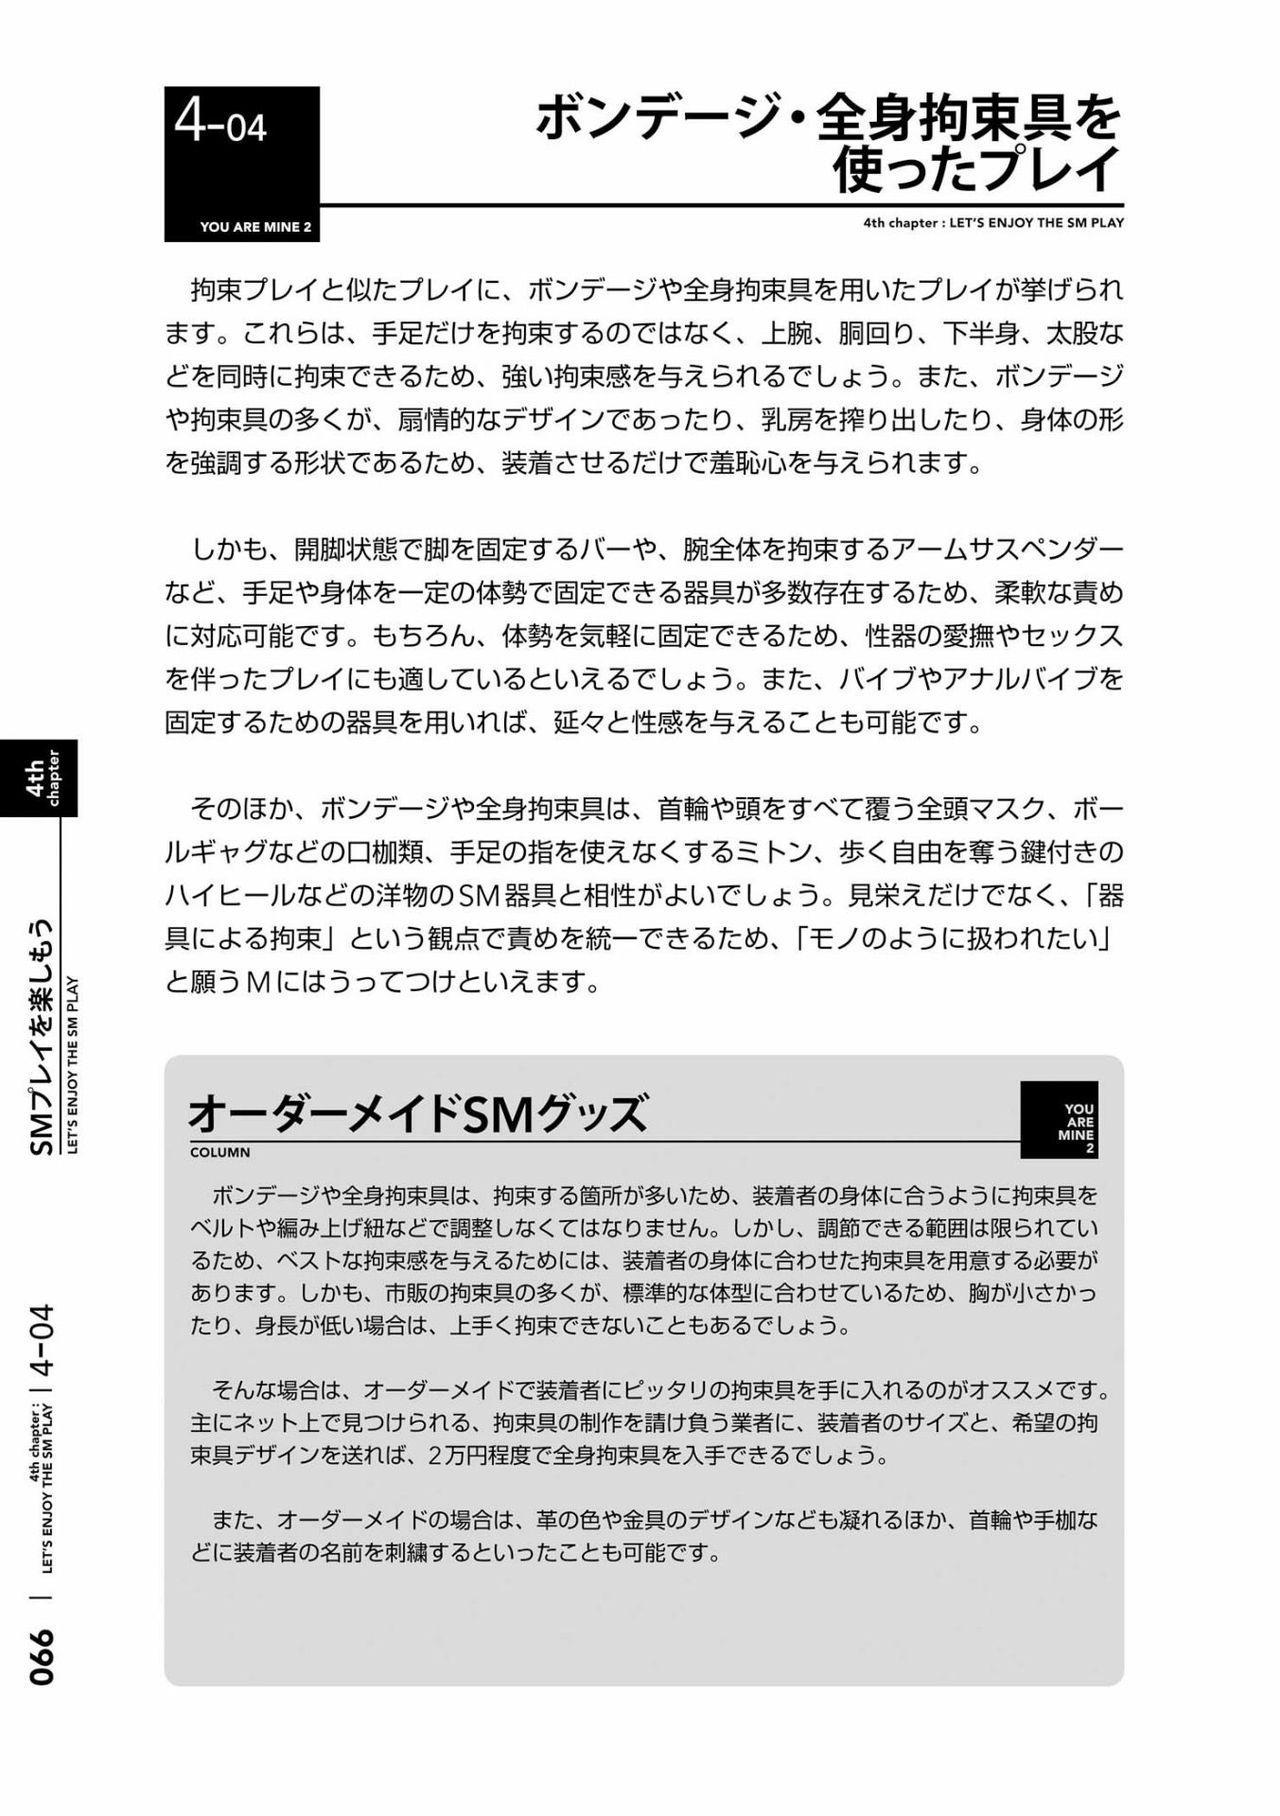 [Mitsuba] Karada mo Kokoro mo Boku no Mono ~Hajimete no SM Guide~ 2 [Digital] 68